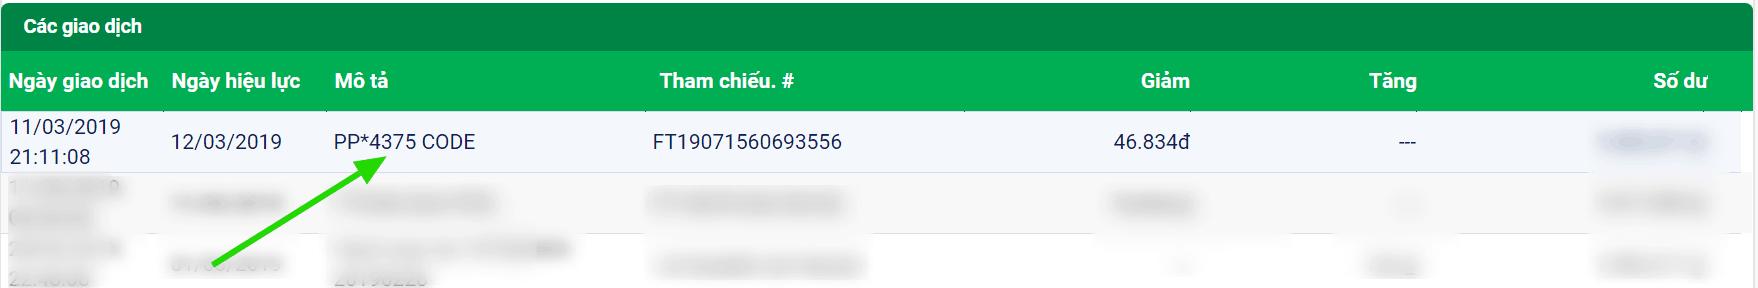 Mã code Paypal lịch sử ngân hàng online